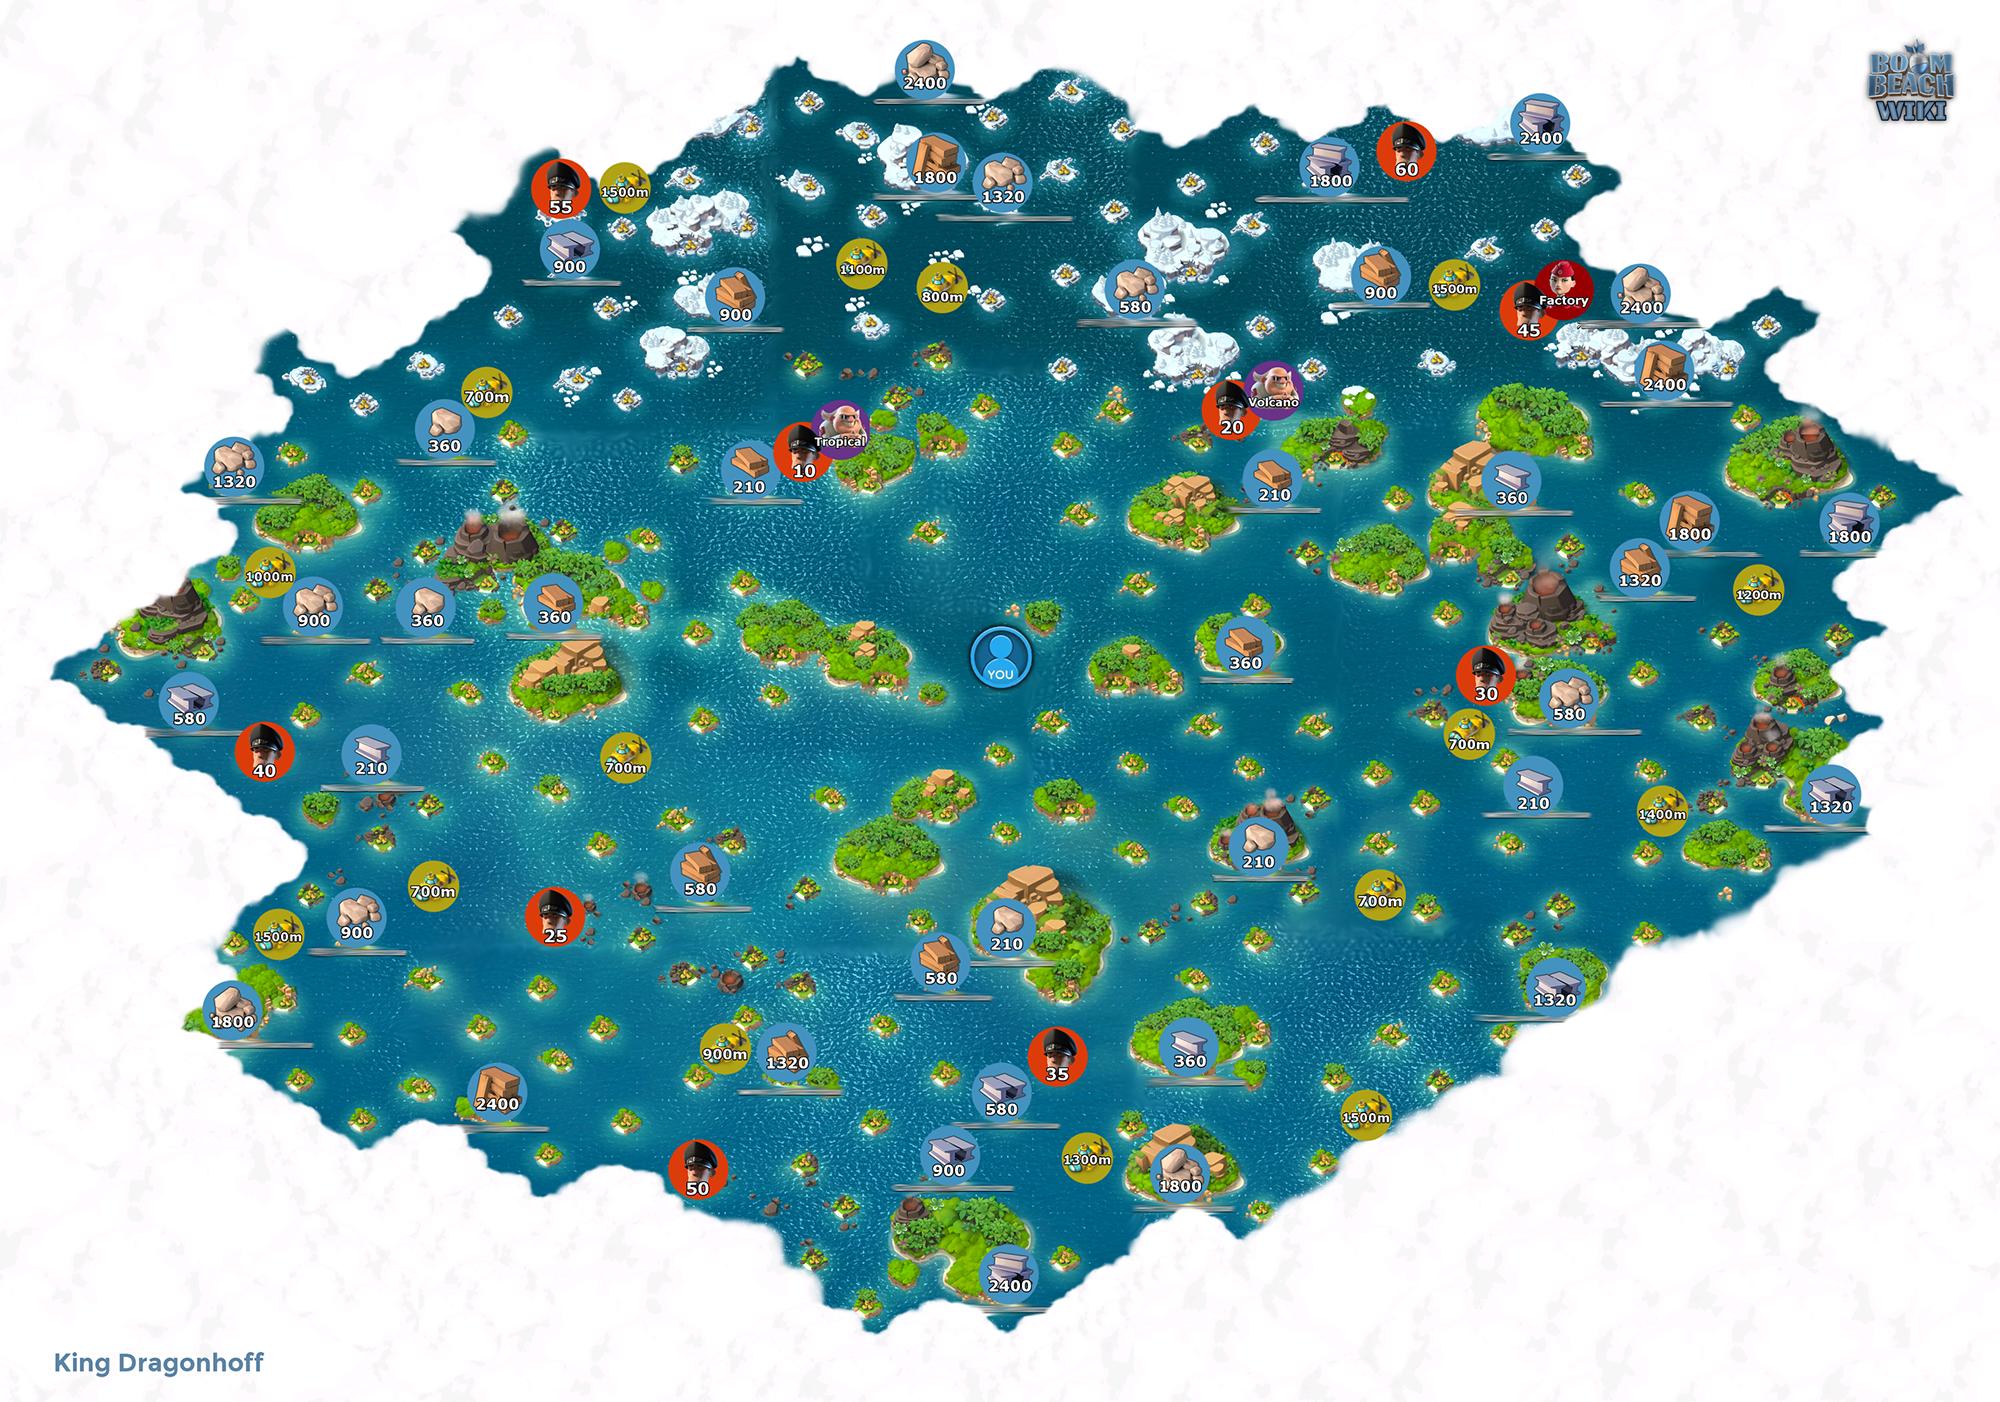 果断收藏!《海岛奇兵》最新最全大地图